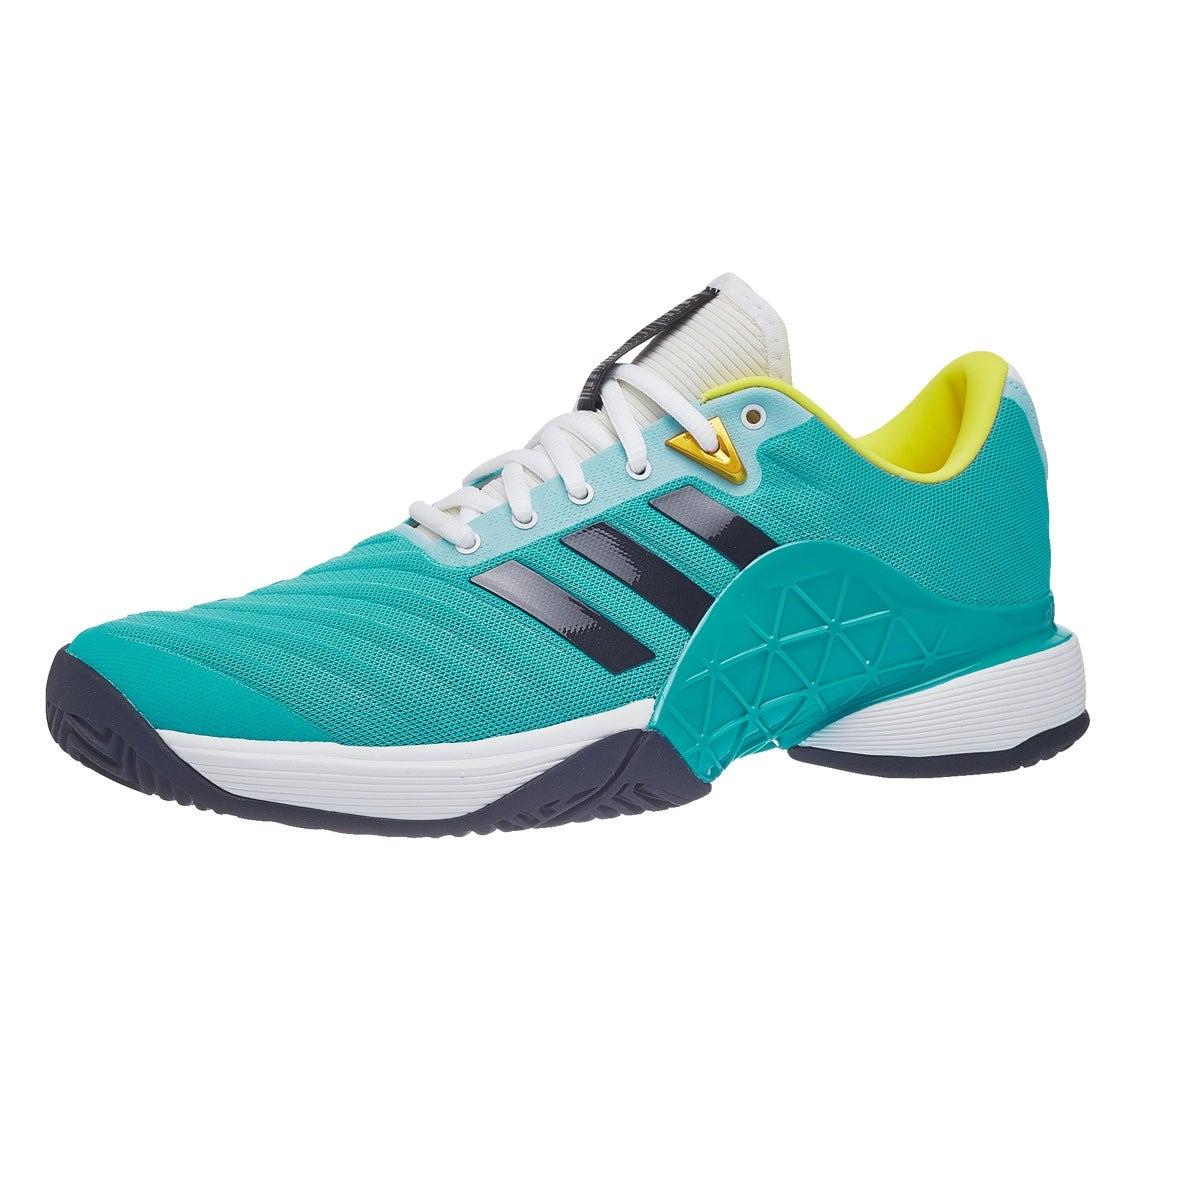 quality design f8752 88d05 adidas Barricade 2018 AquaInk Mens Shoes 360° View